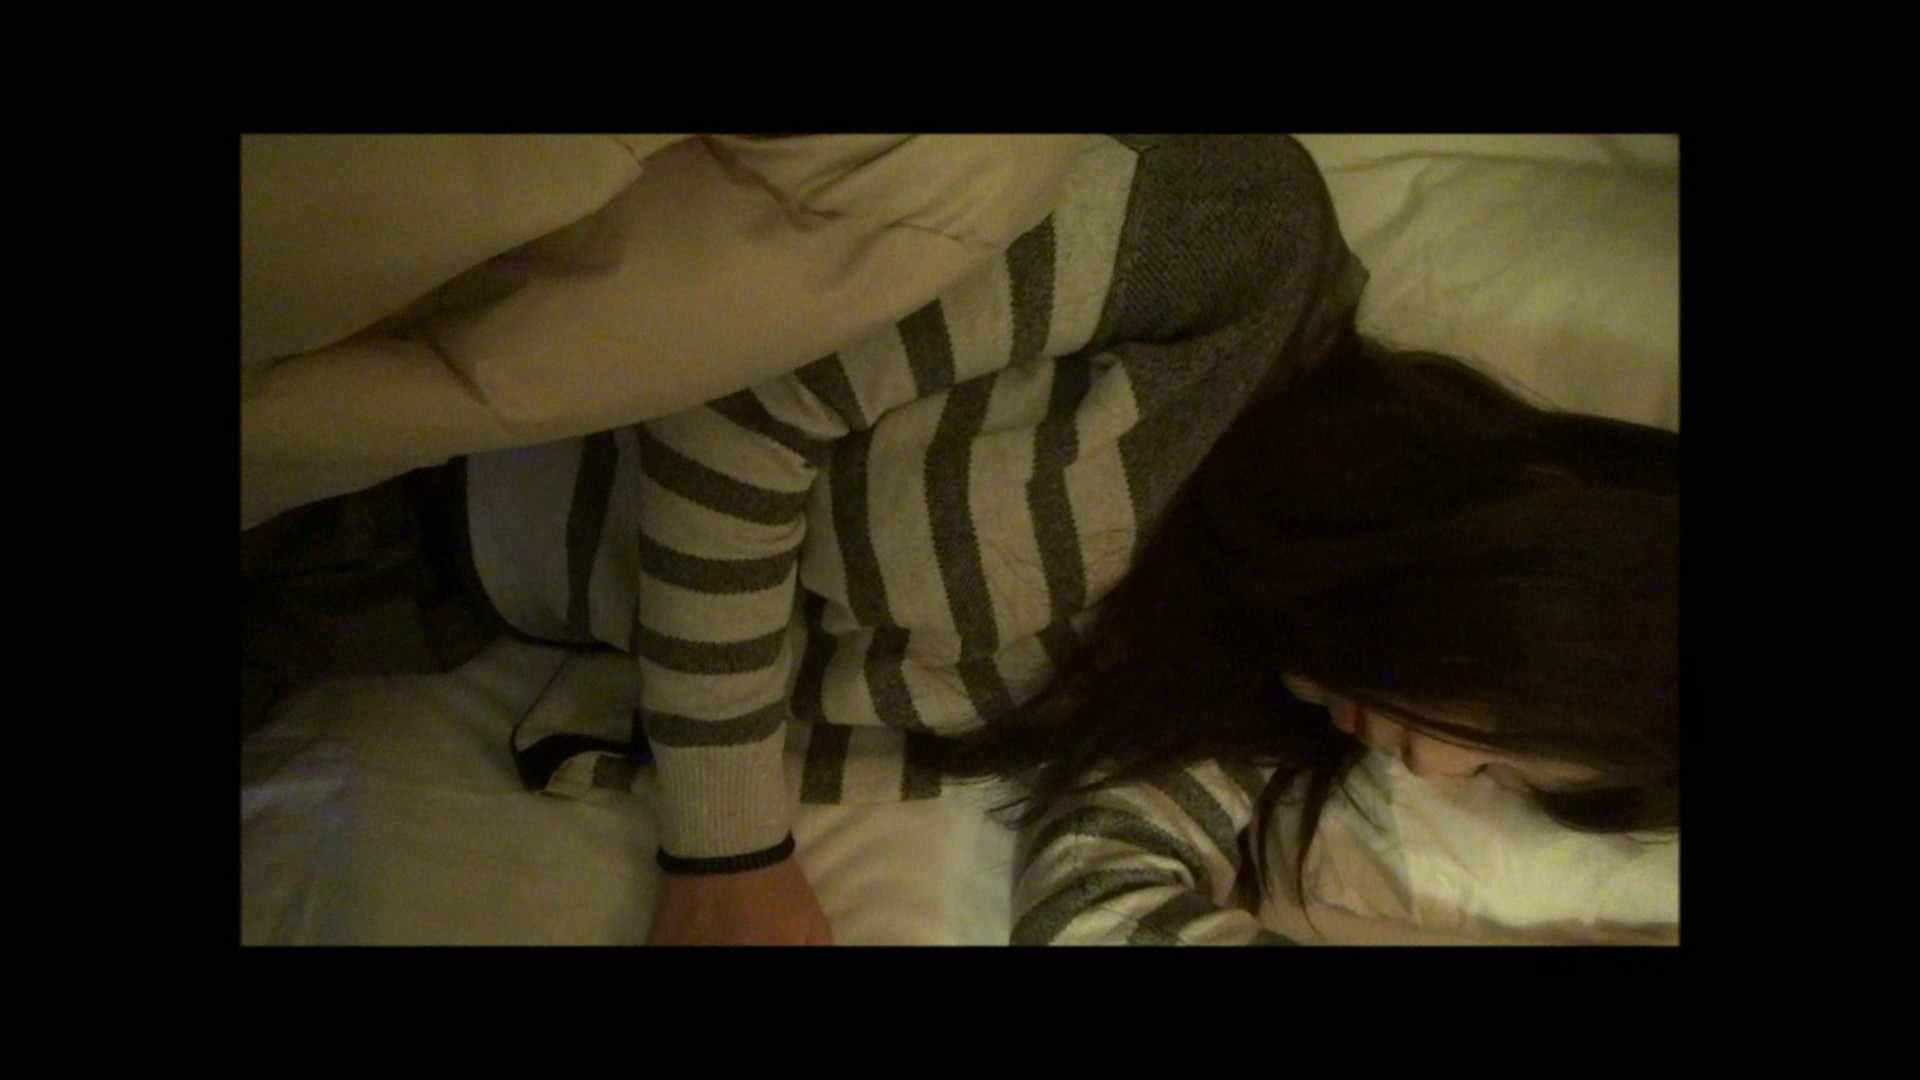 【未公開】vol.59 ★美ギガ乳★のMiiちゃん20歳 後半・・・いよいよ ギガ乳盛り  93枚 4